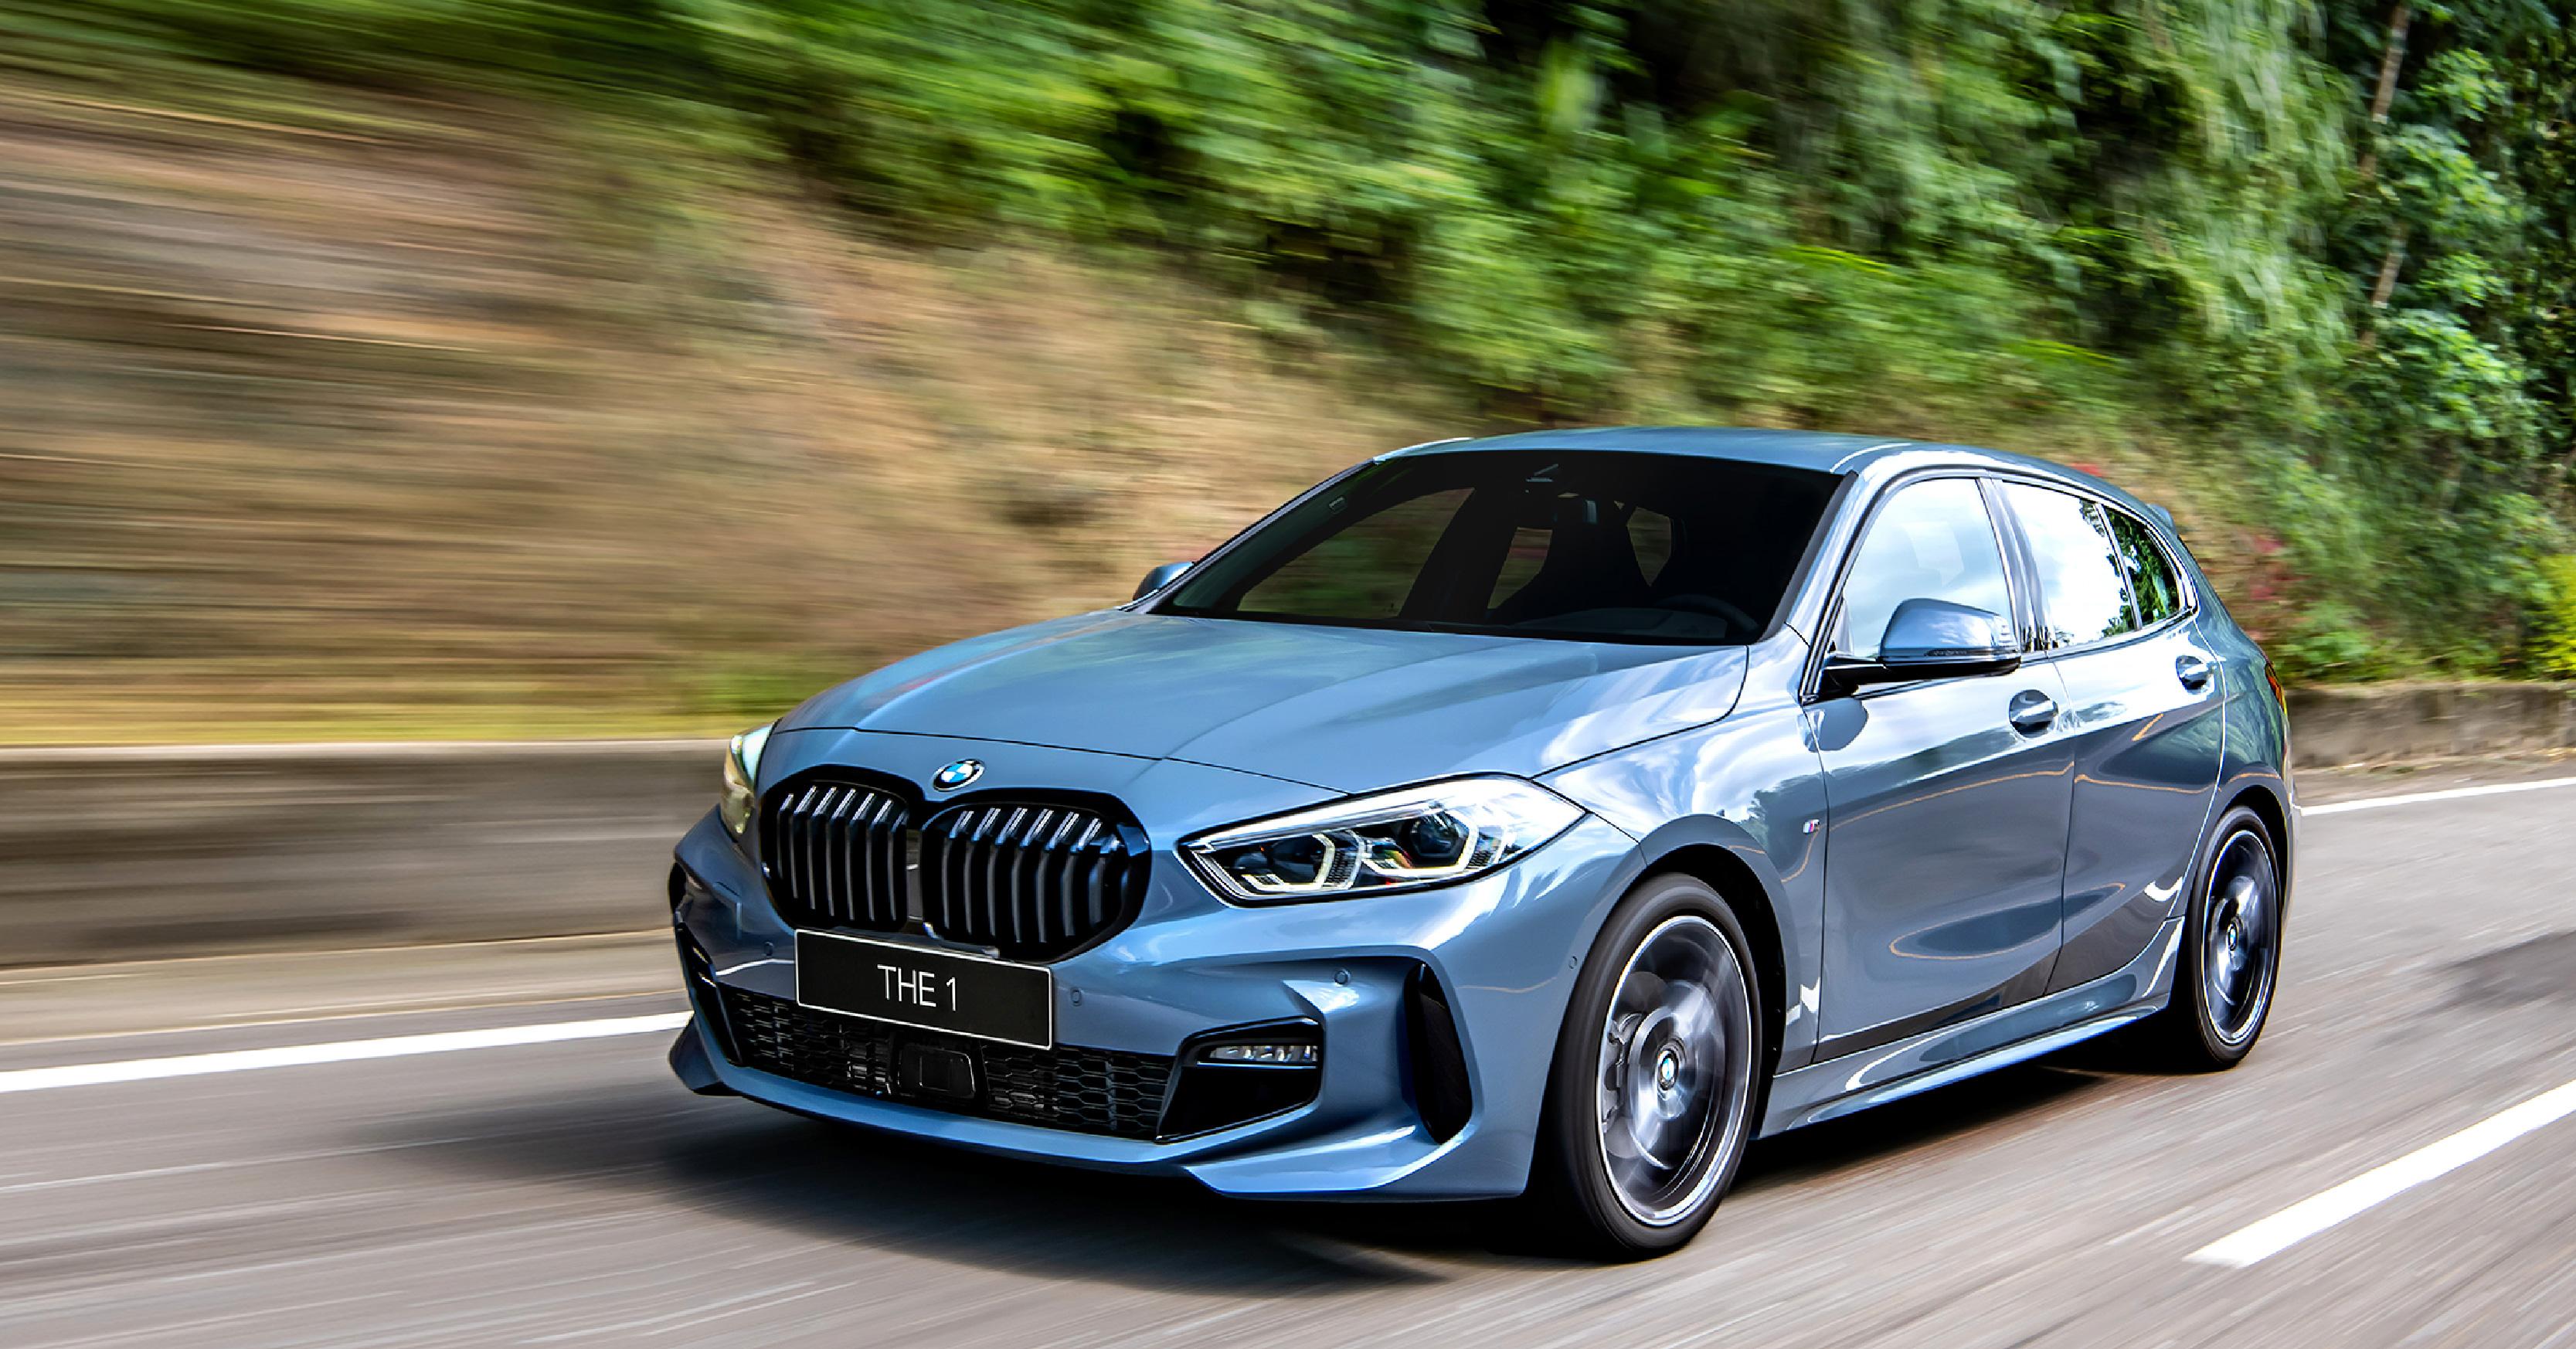 2021 年式 BMW 1系列升 級BMW 智慧語音助理 2.0 與全新 iPhone 手機數位鑰匙,本月入主可享低月付 9,900 元起多元分期方案。